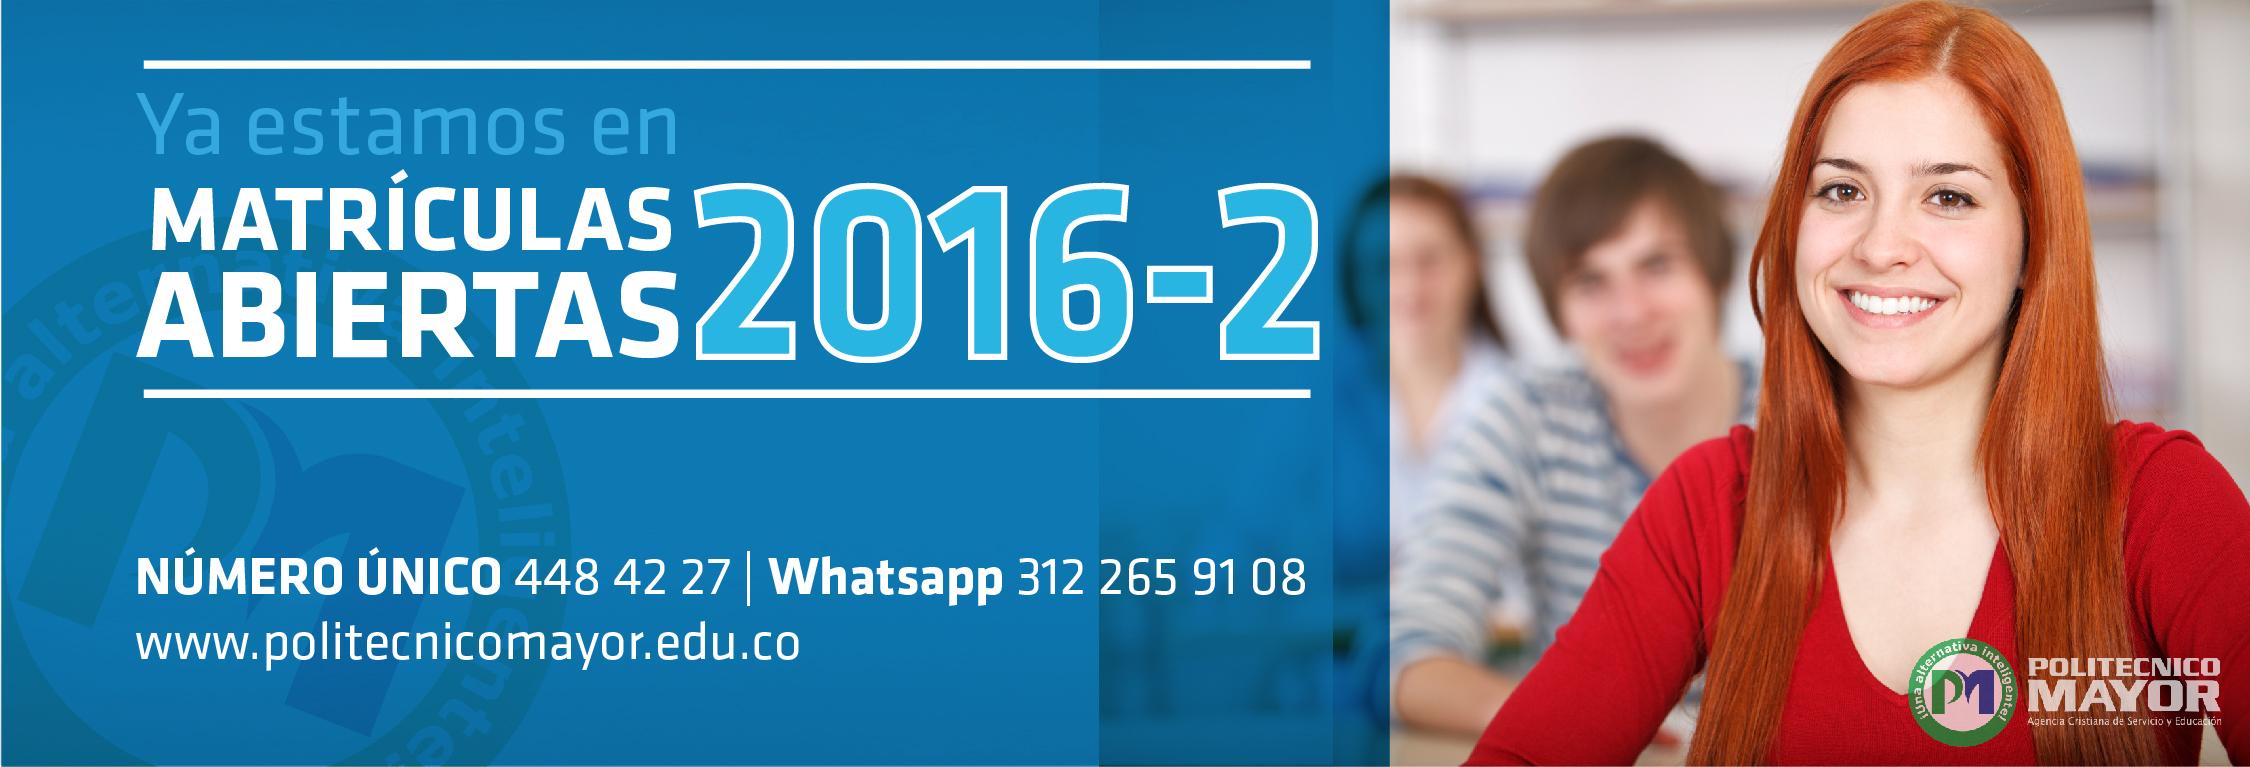 matriculas2016-2-01